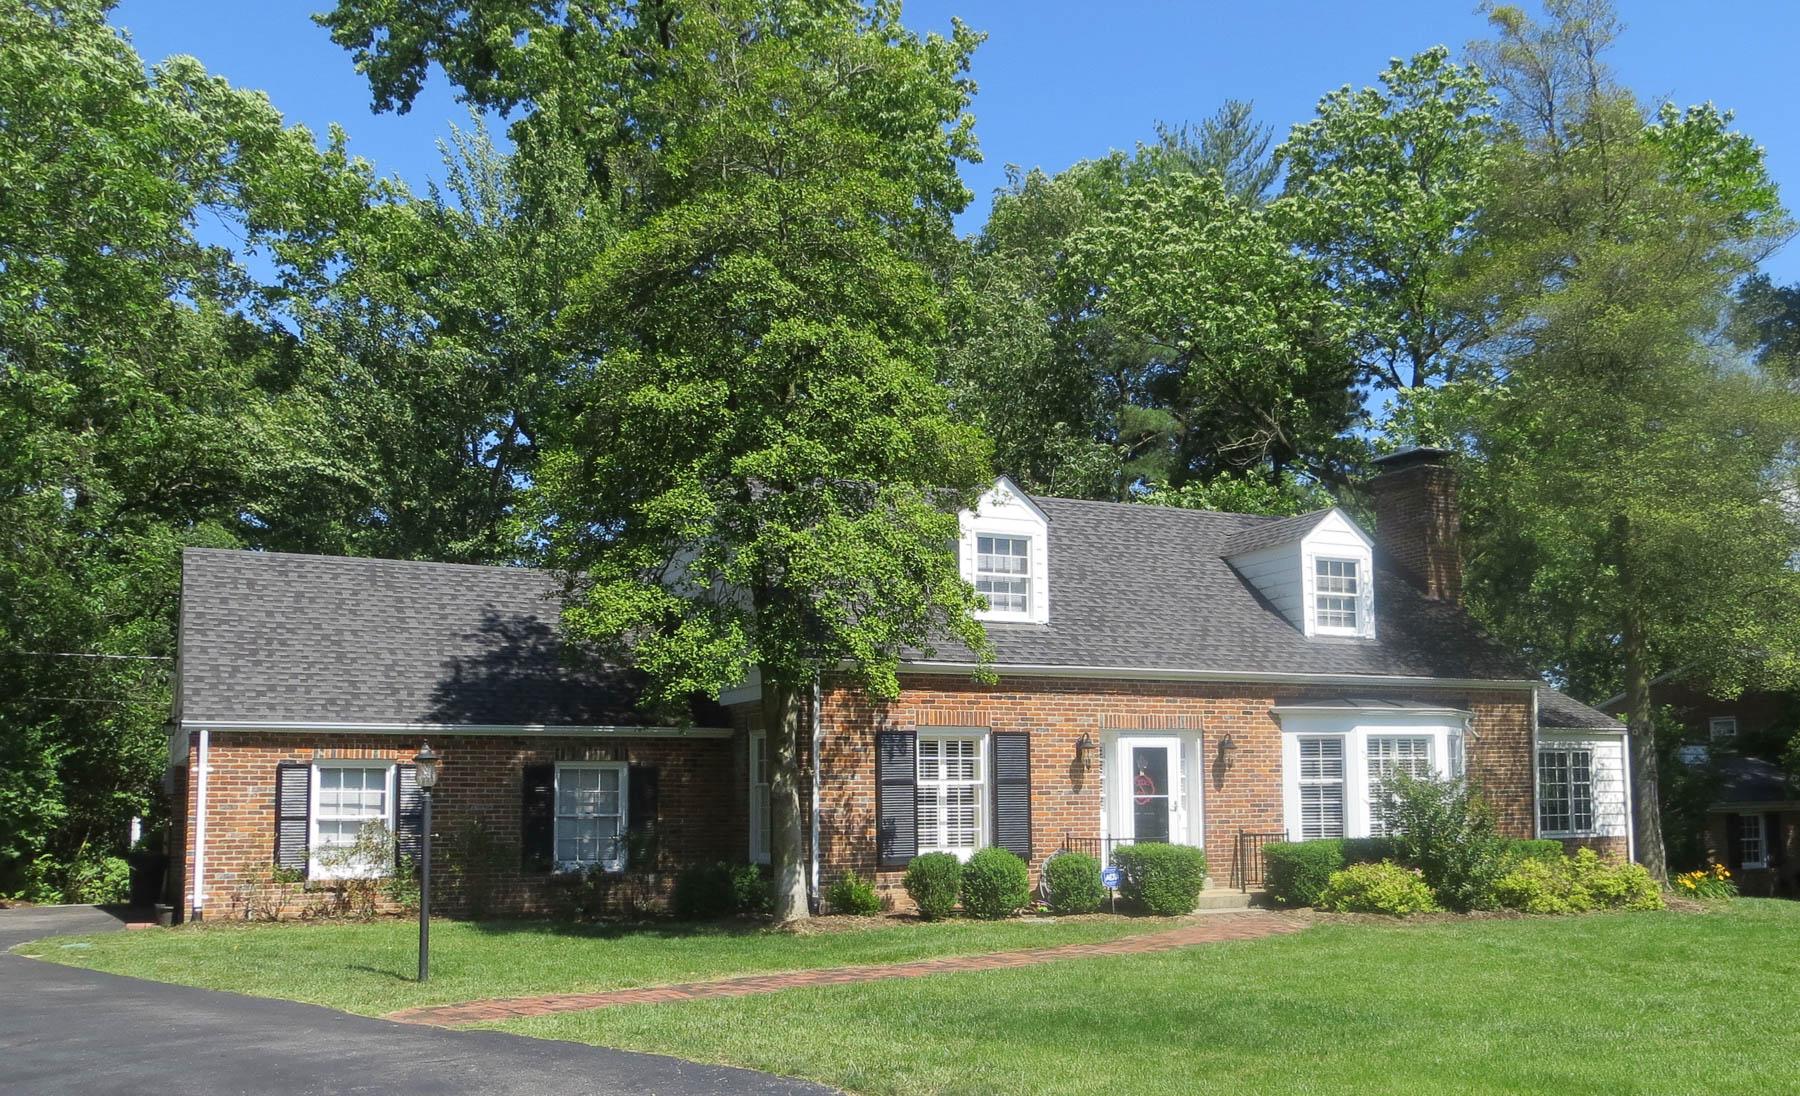 独户住宅 为 销售 在 Berkley Lane 4 Berkley Lane Ladue, 密苏里州, 63124 美国